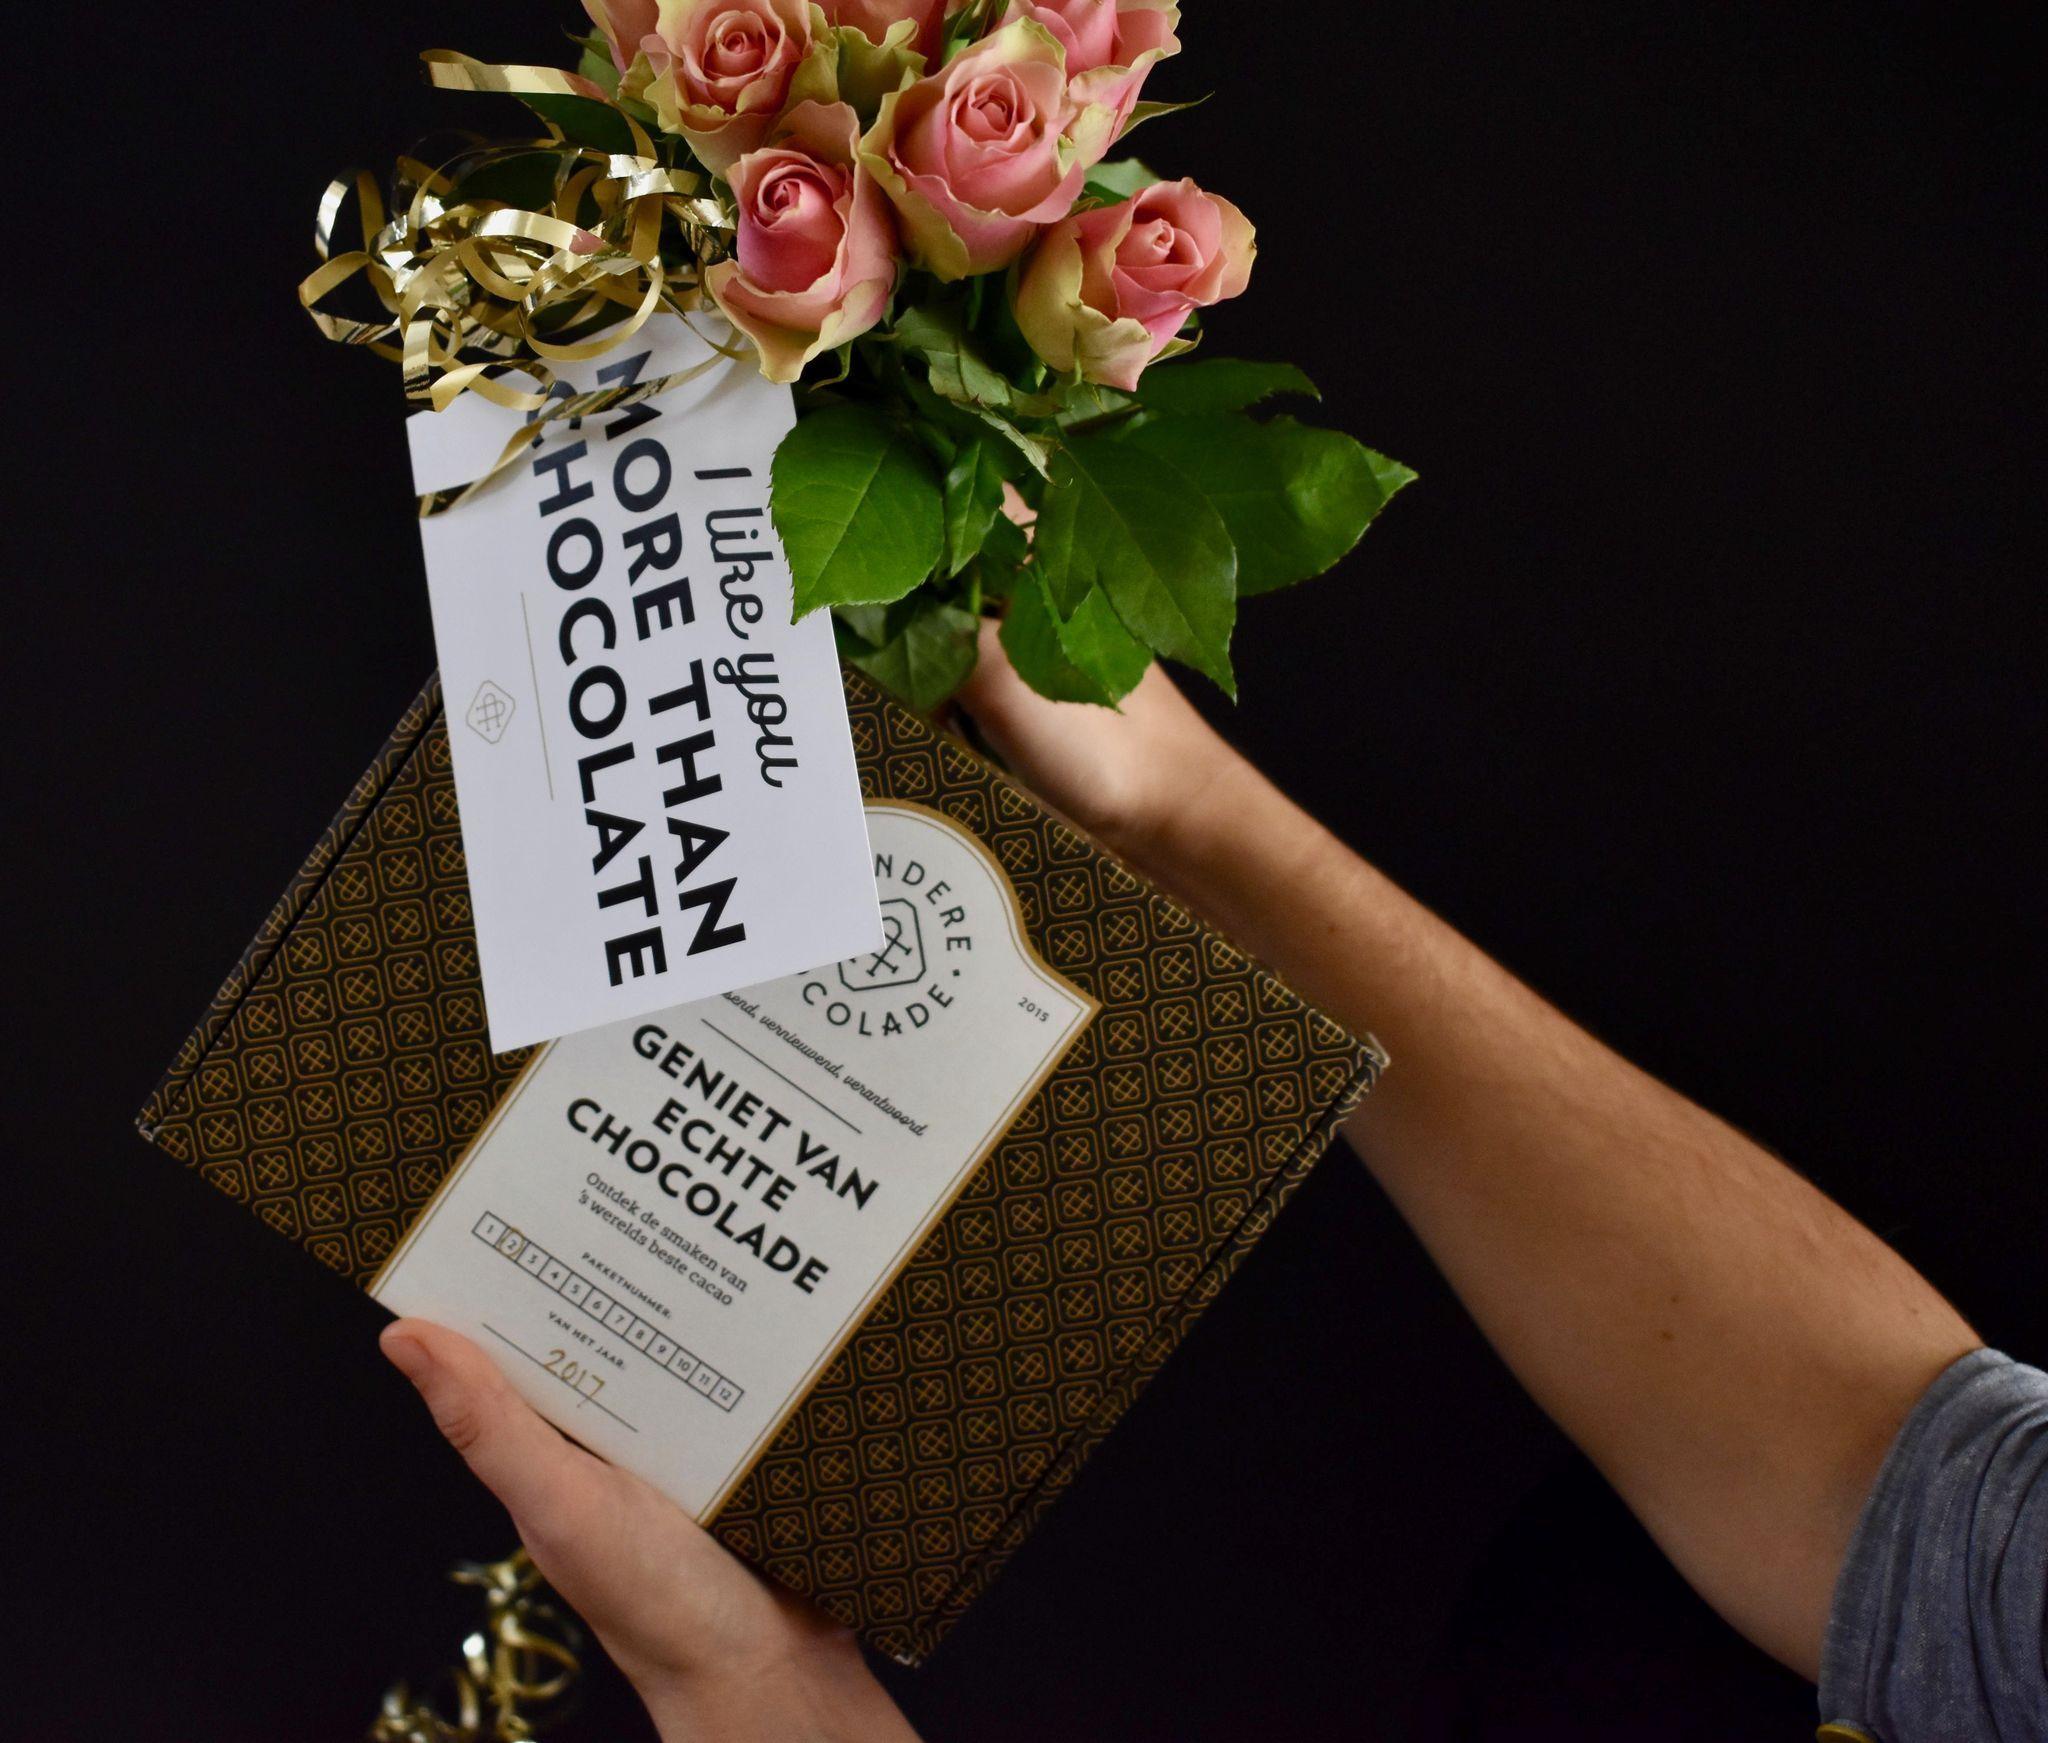 Deze hele maandeen gratis 'I like you more than chocolate' kaartje bij je bestelling! (jup het valentijnseizoen is écht geopend ) #valentijn #kado #anderechocolade #chocolade #gratis #quote #kaartje